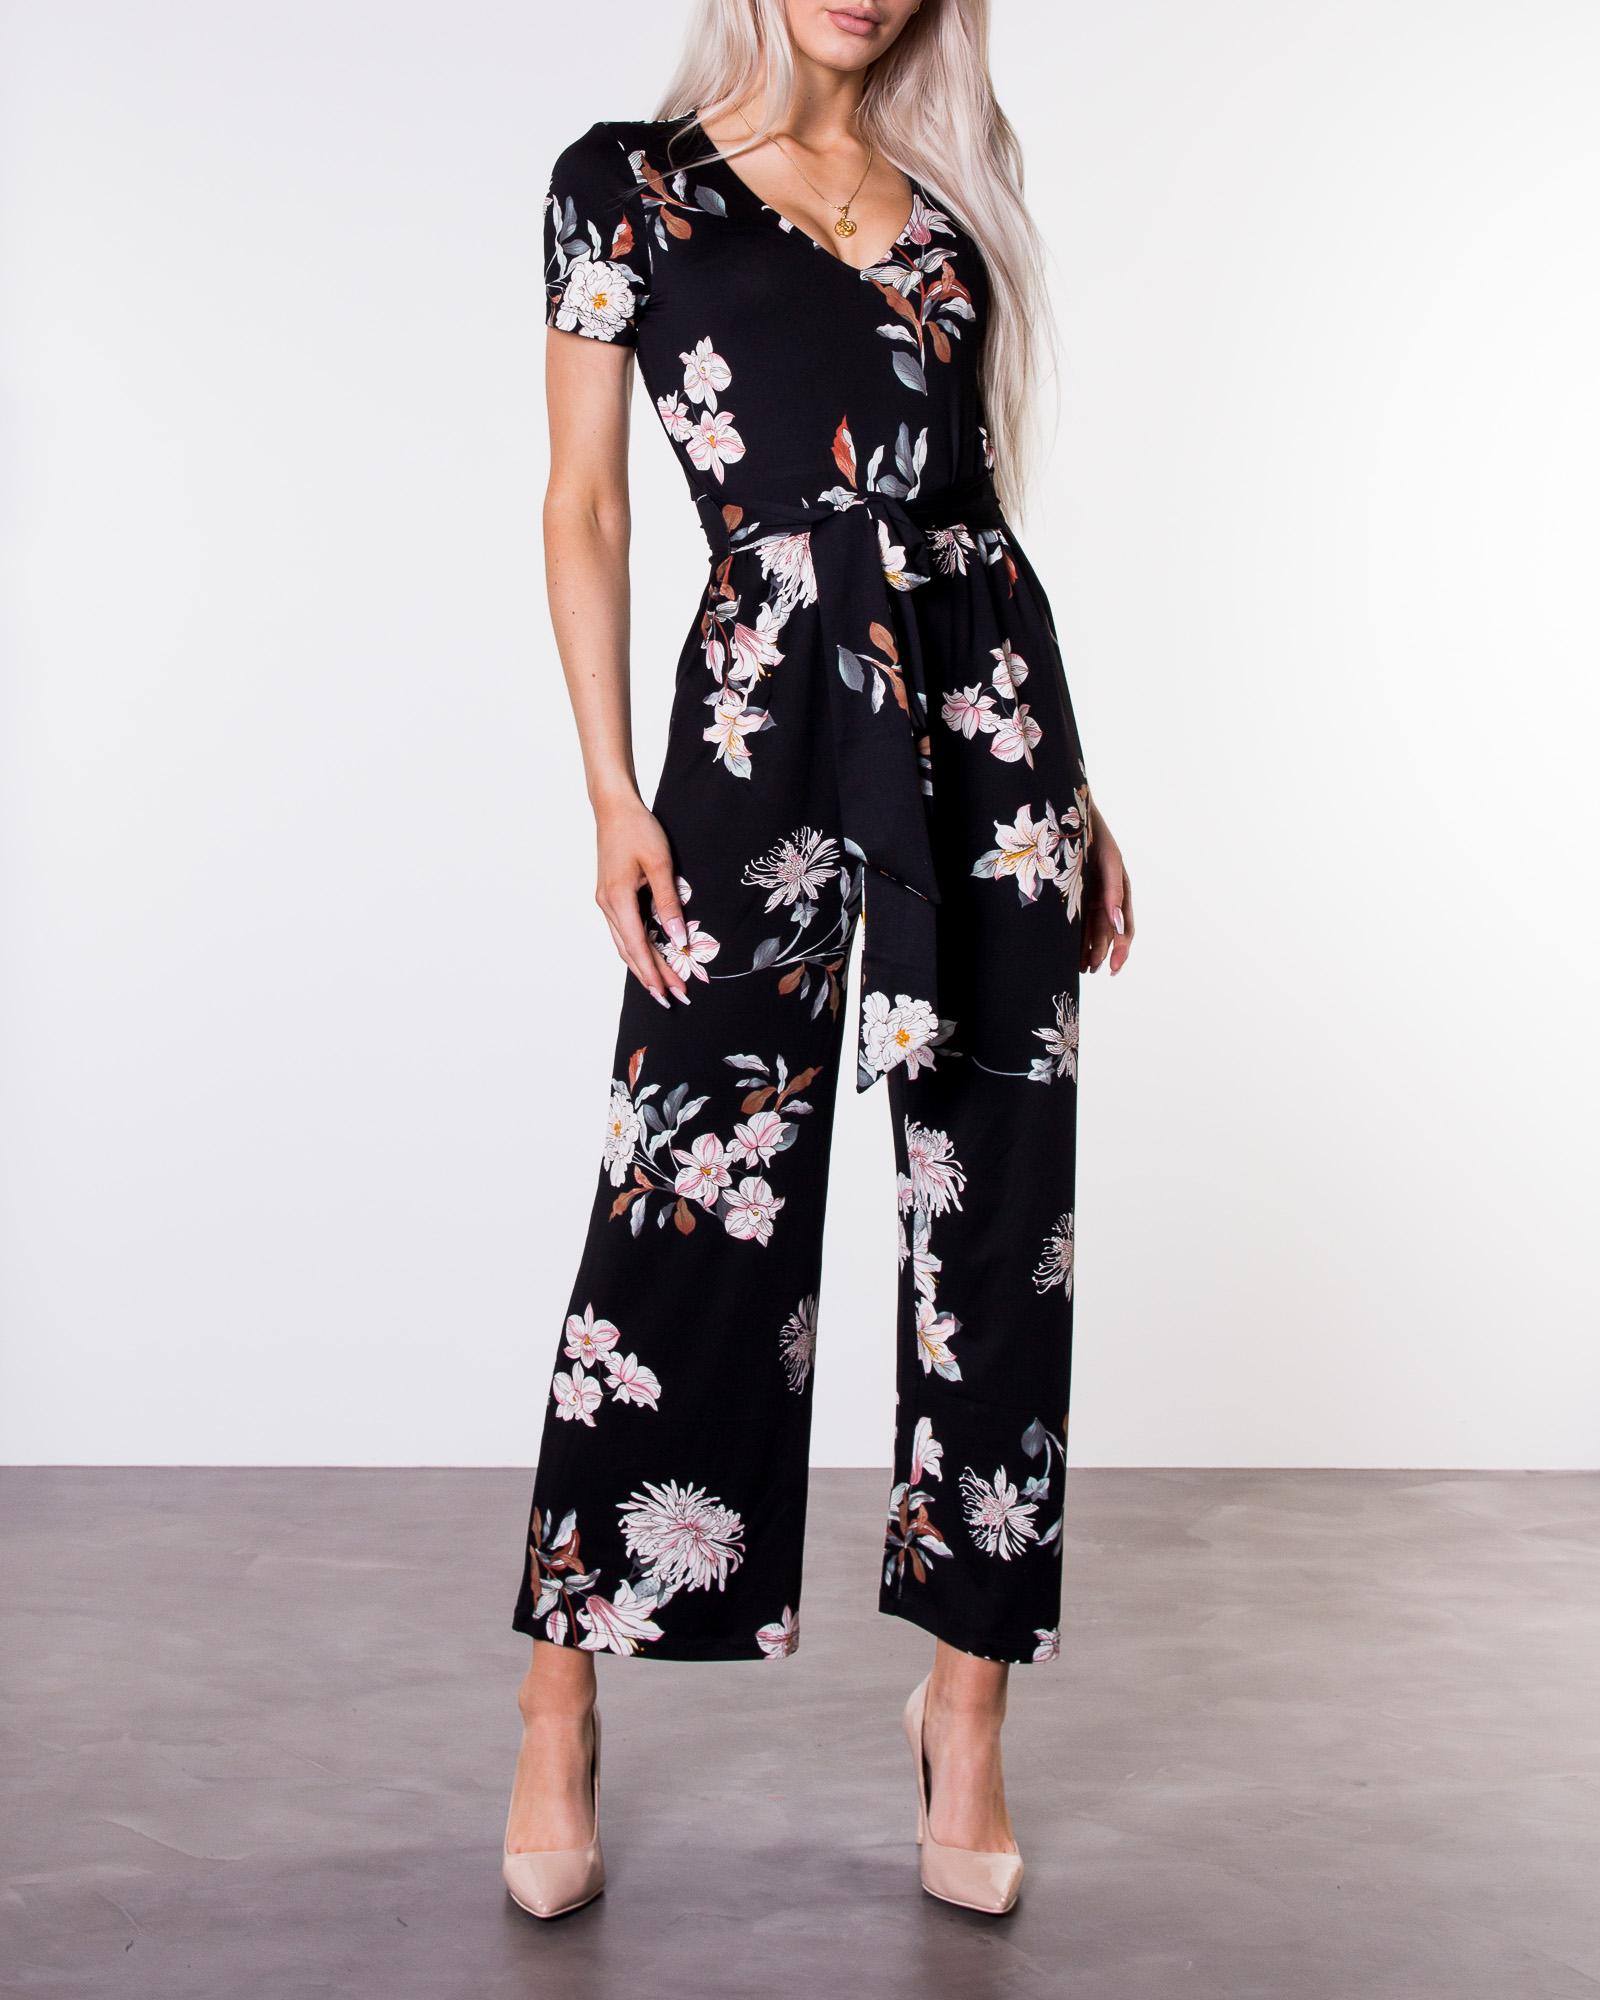 854059c3 Happy Holly, Celine Jumpsuit Patterned | Women's Dresses |  HOUSEOFBRANDON.COM